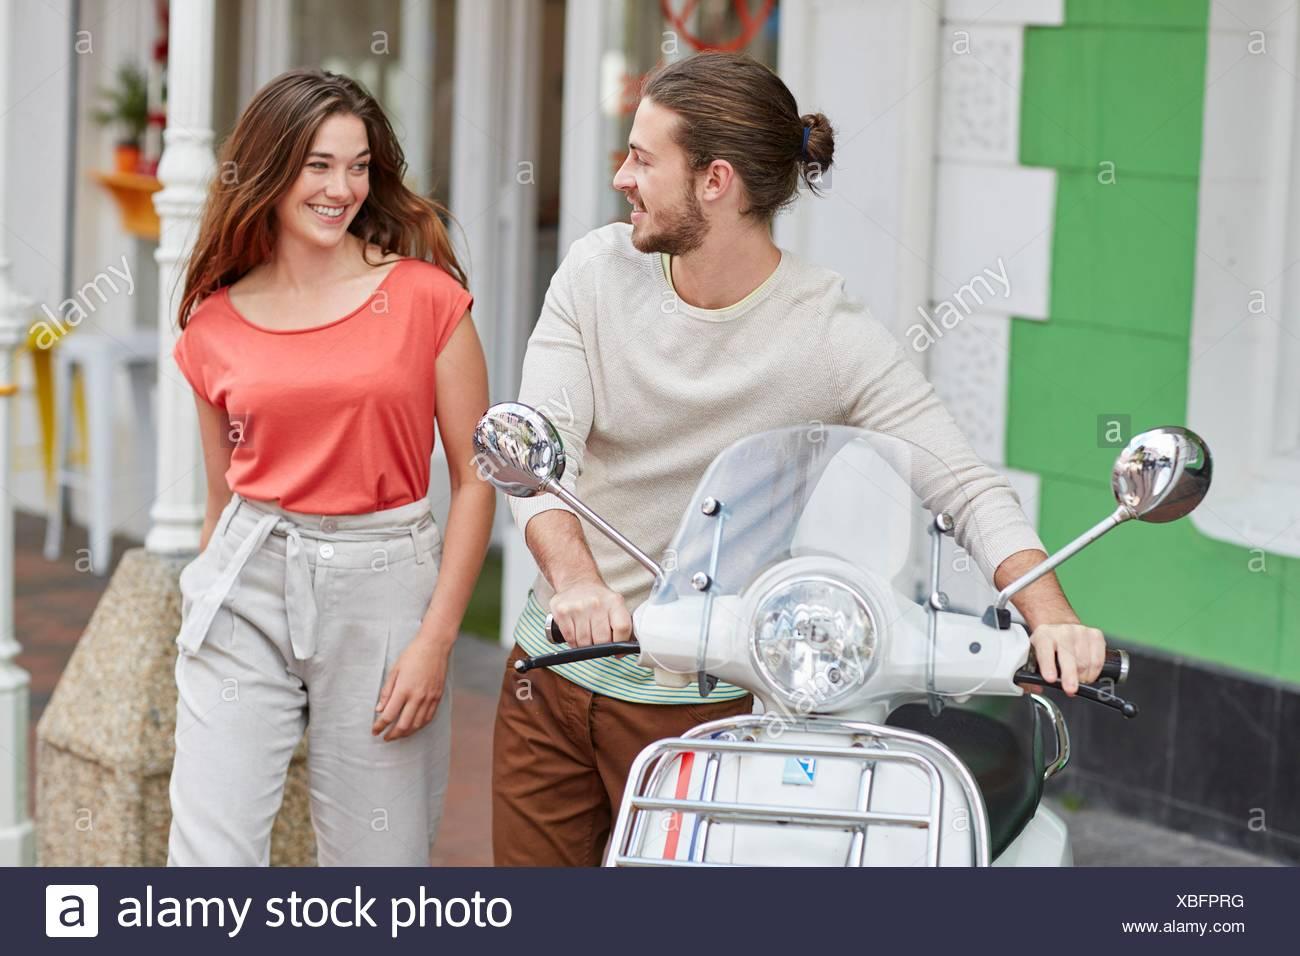 Modelo liberado. Pareja joven fuera de la cafetería, hombre sujetando ciclomotor. Imagen De Stock